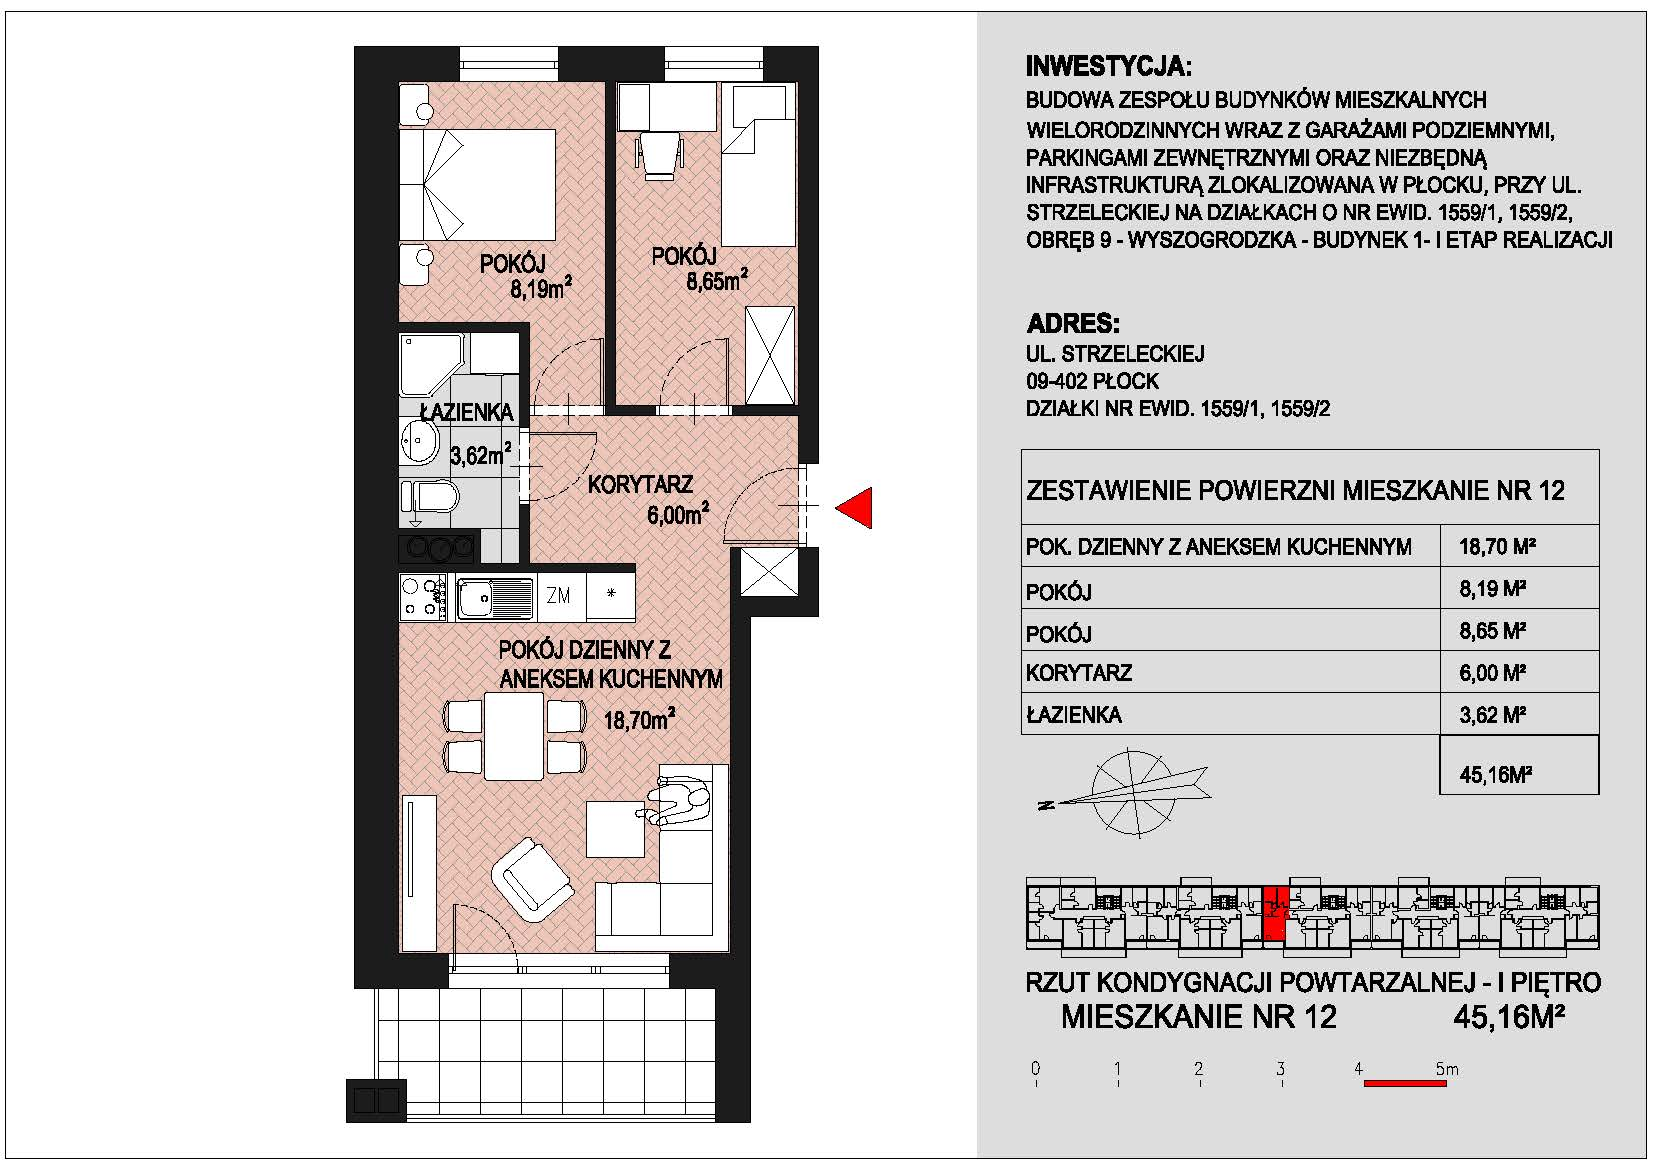 mieszkanie nr 12 PIK Płock